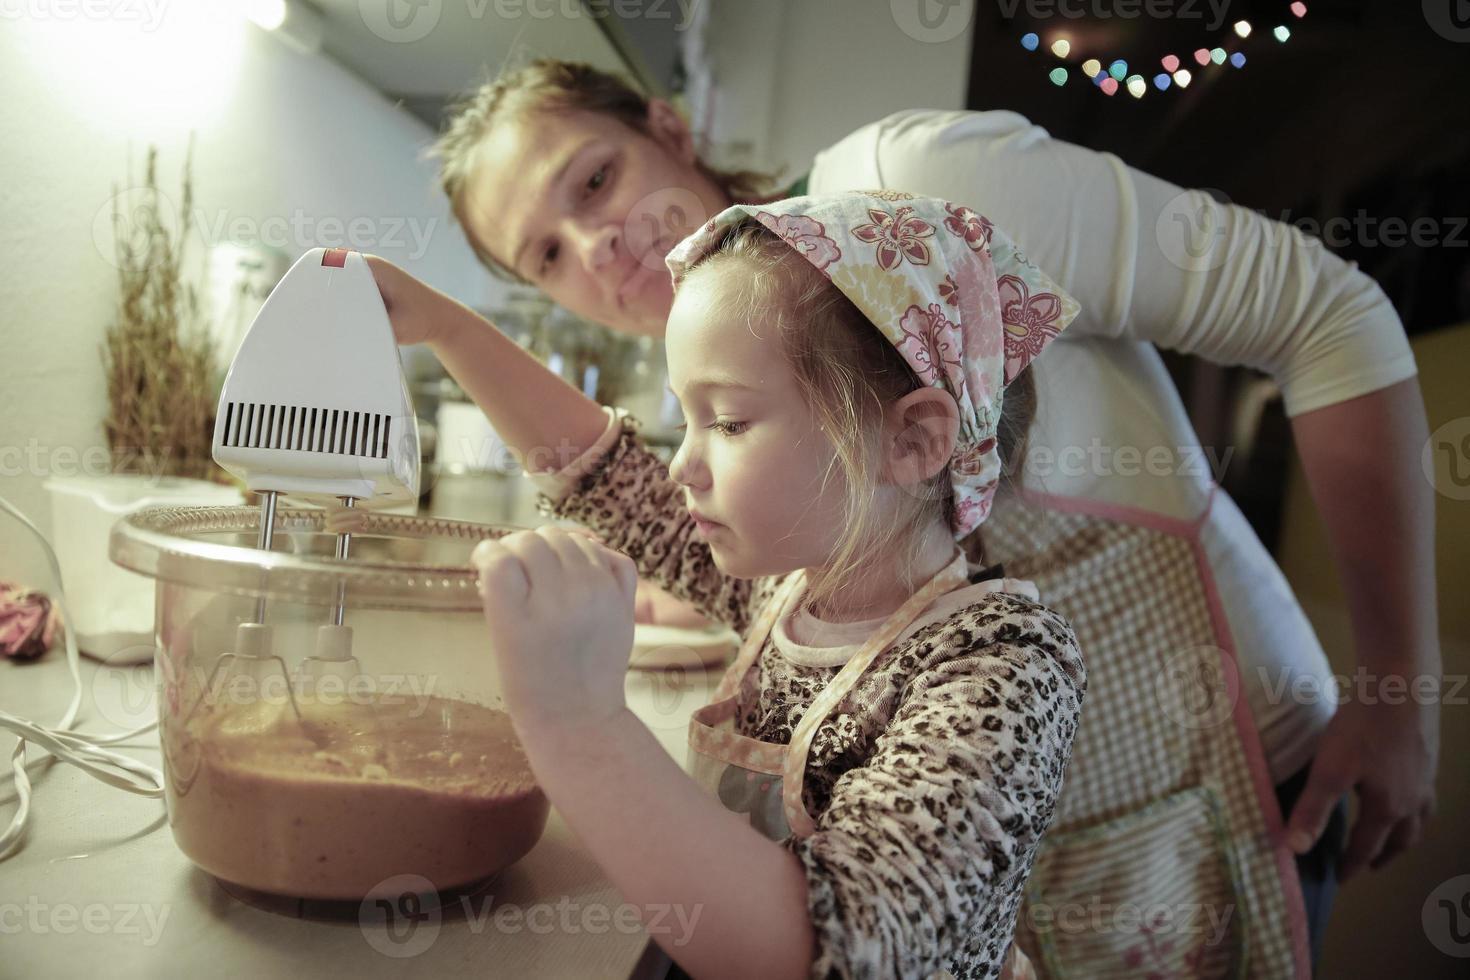 madre enseñando a su hija en la cocina foto